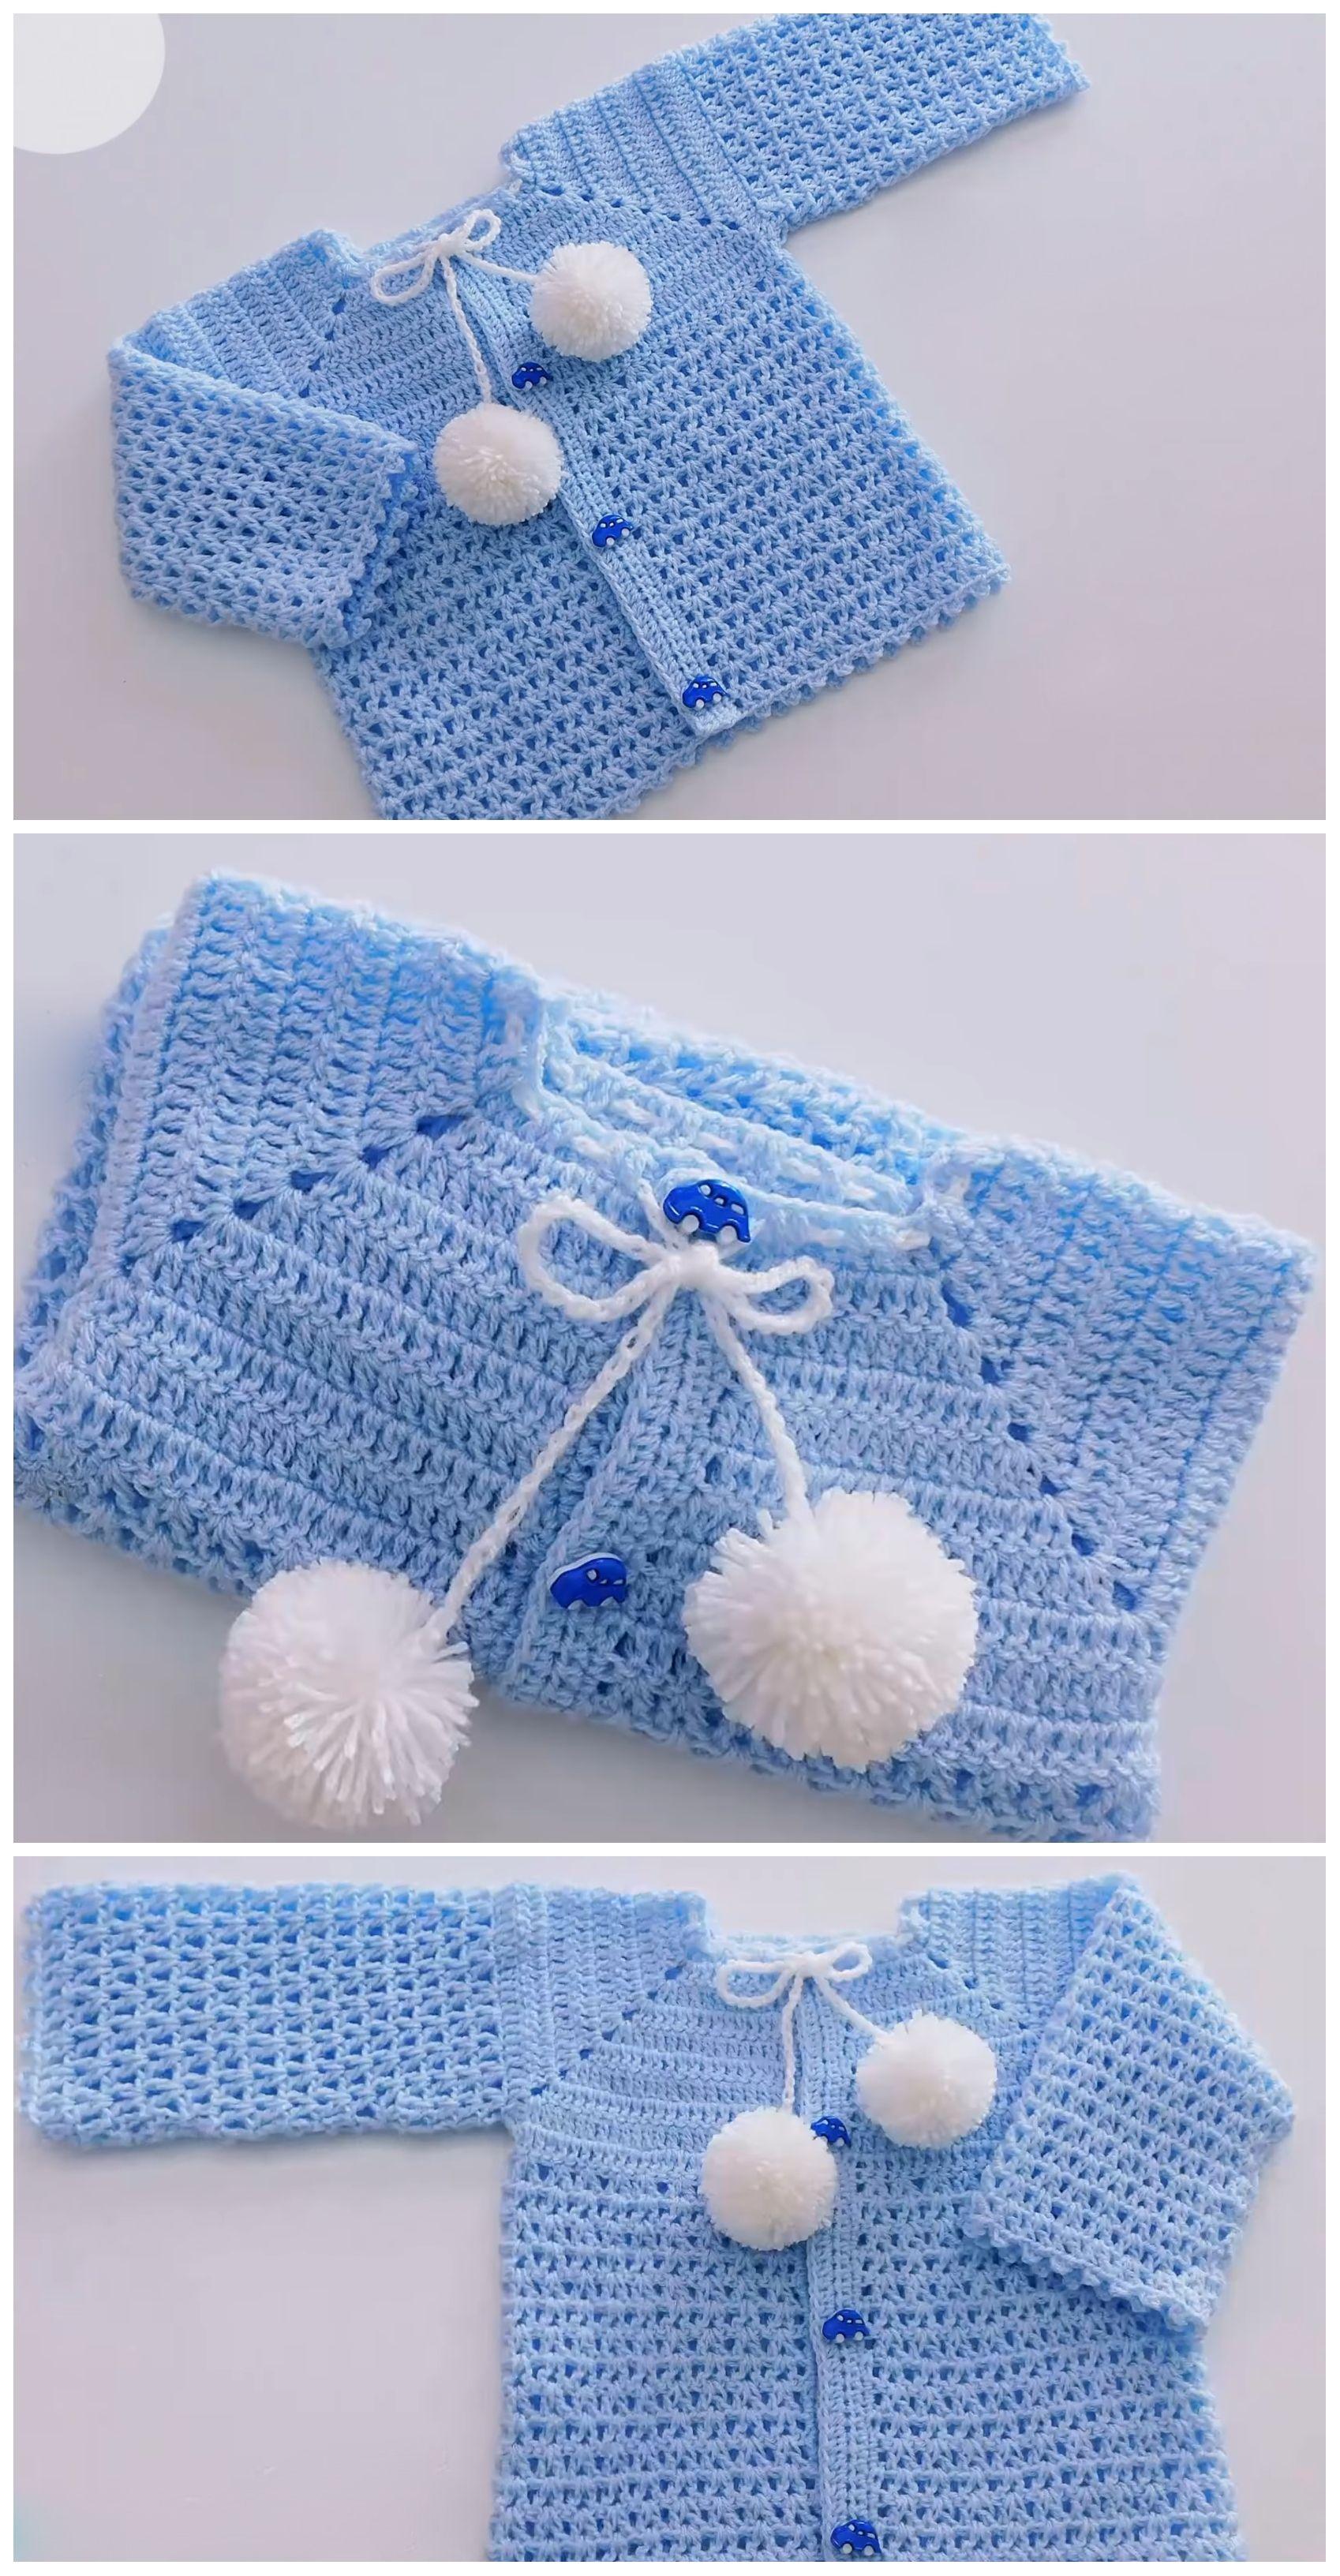 Crochet Easy Baby Sweater Cardigan - Crochet Ideas